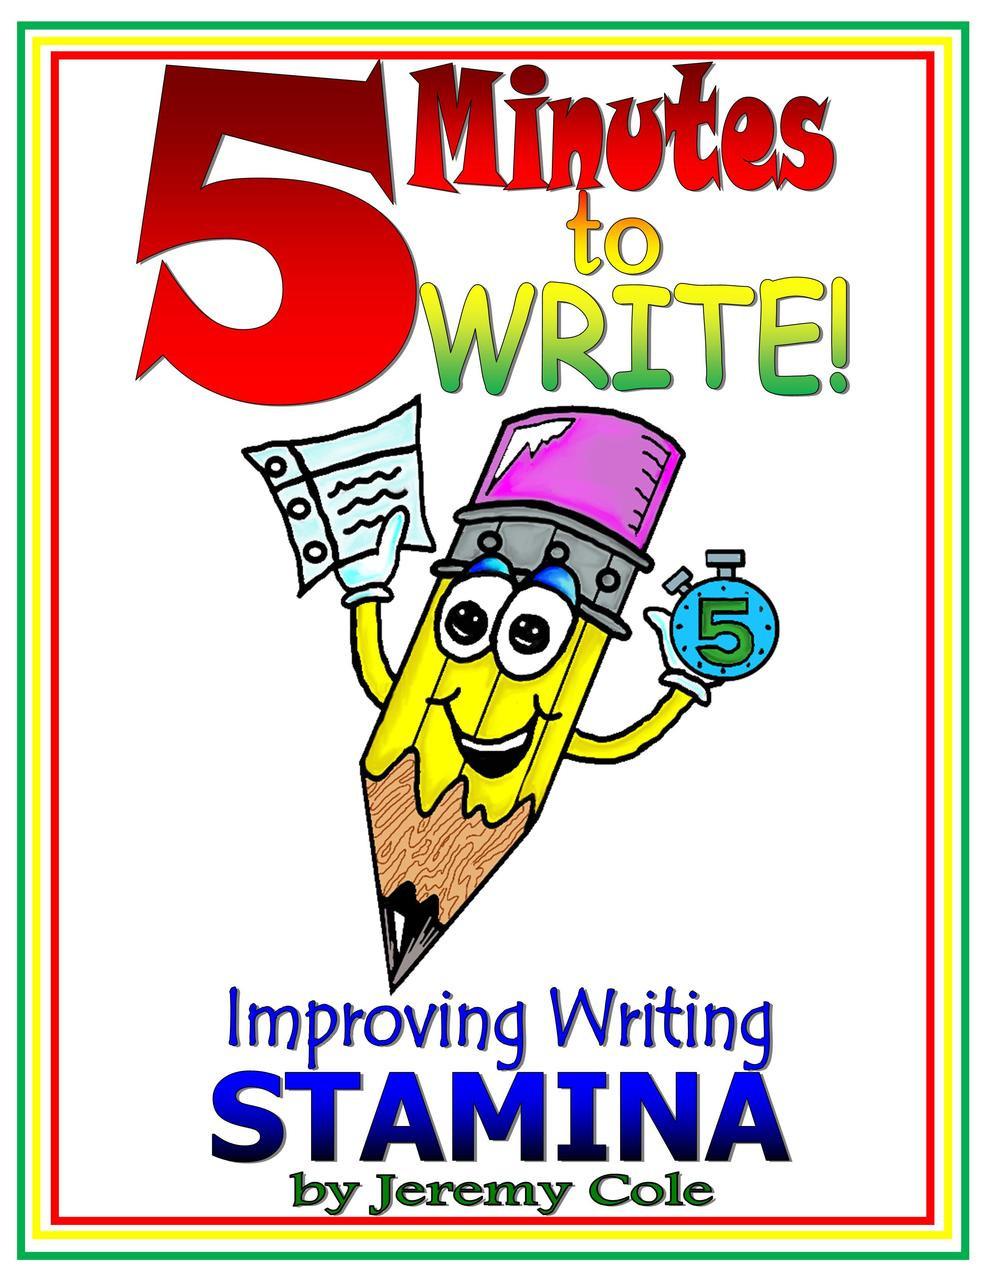 5 Minutes to WRITE!